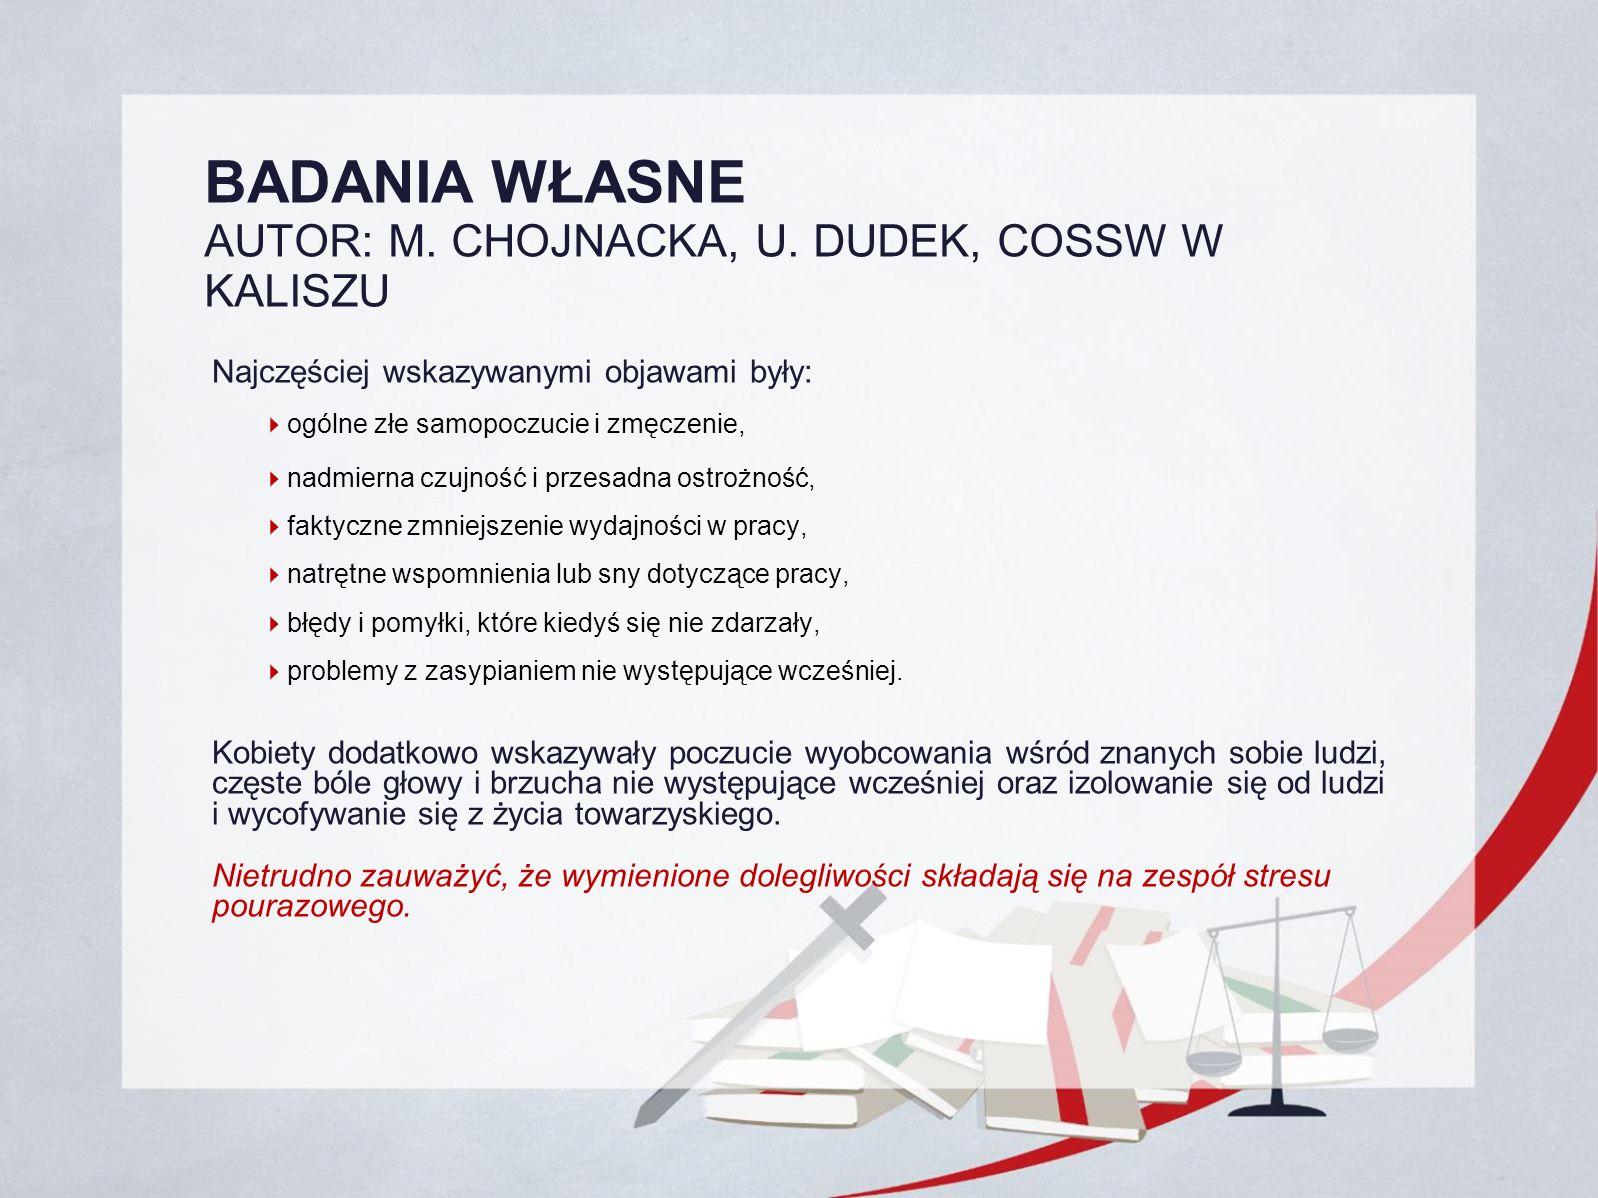 BADANIA WŁASNE AUTOR: M.CHOJNACKA, U.